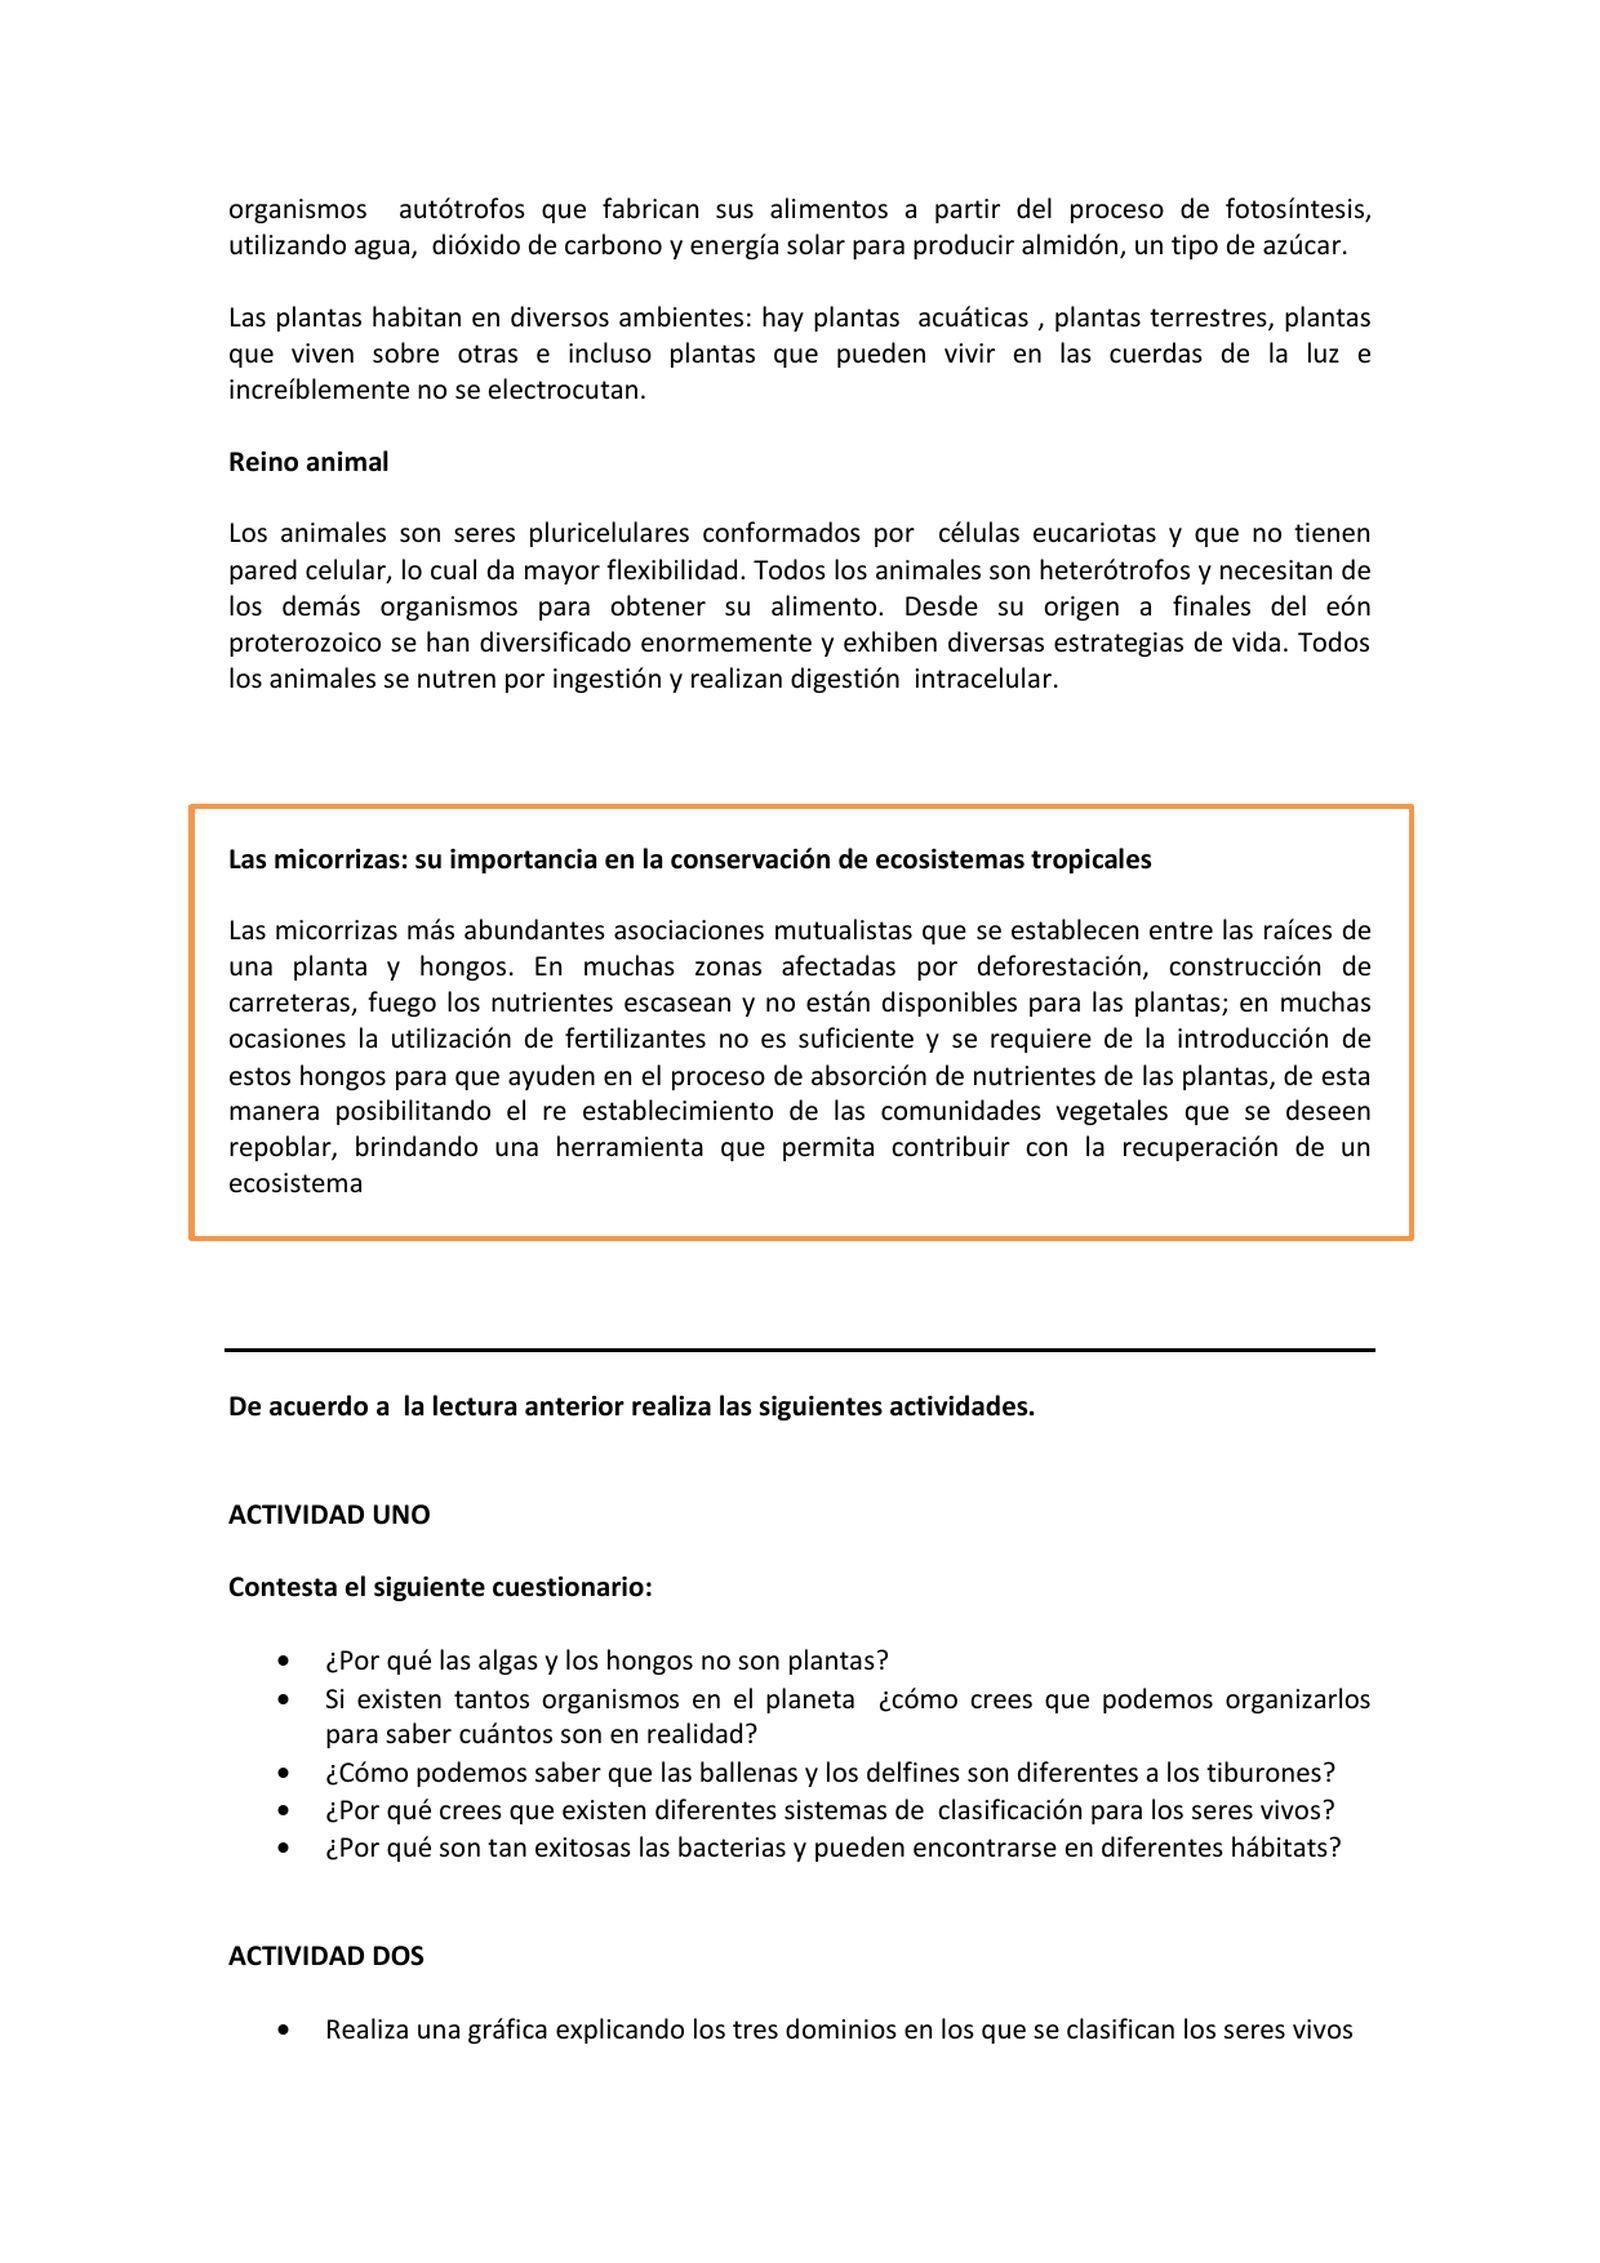 Taller Uno Taxonomía Y Sistemática Grado 9º Pte Amarillo Pdf Flipbook Taxonomia Fotosintesis Grado